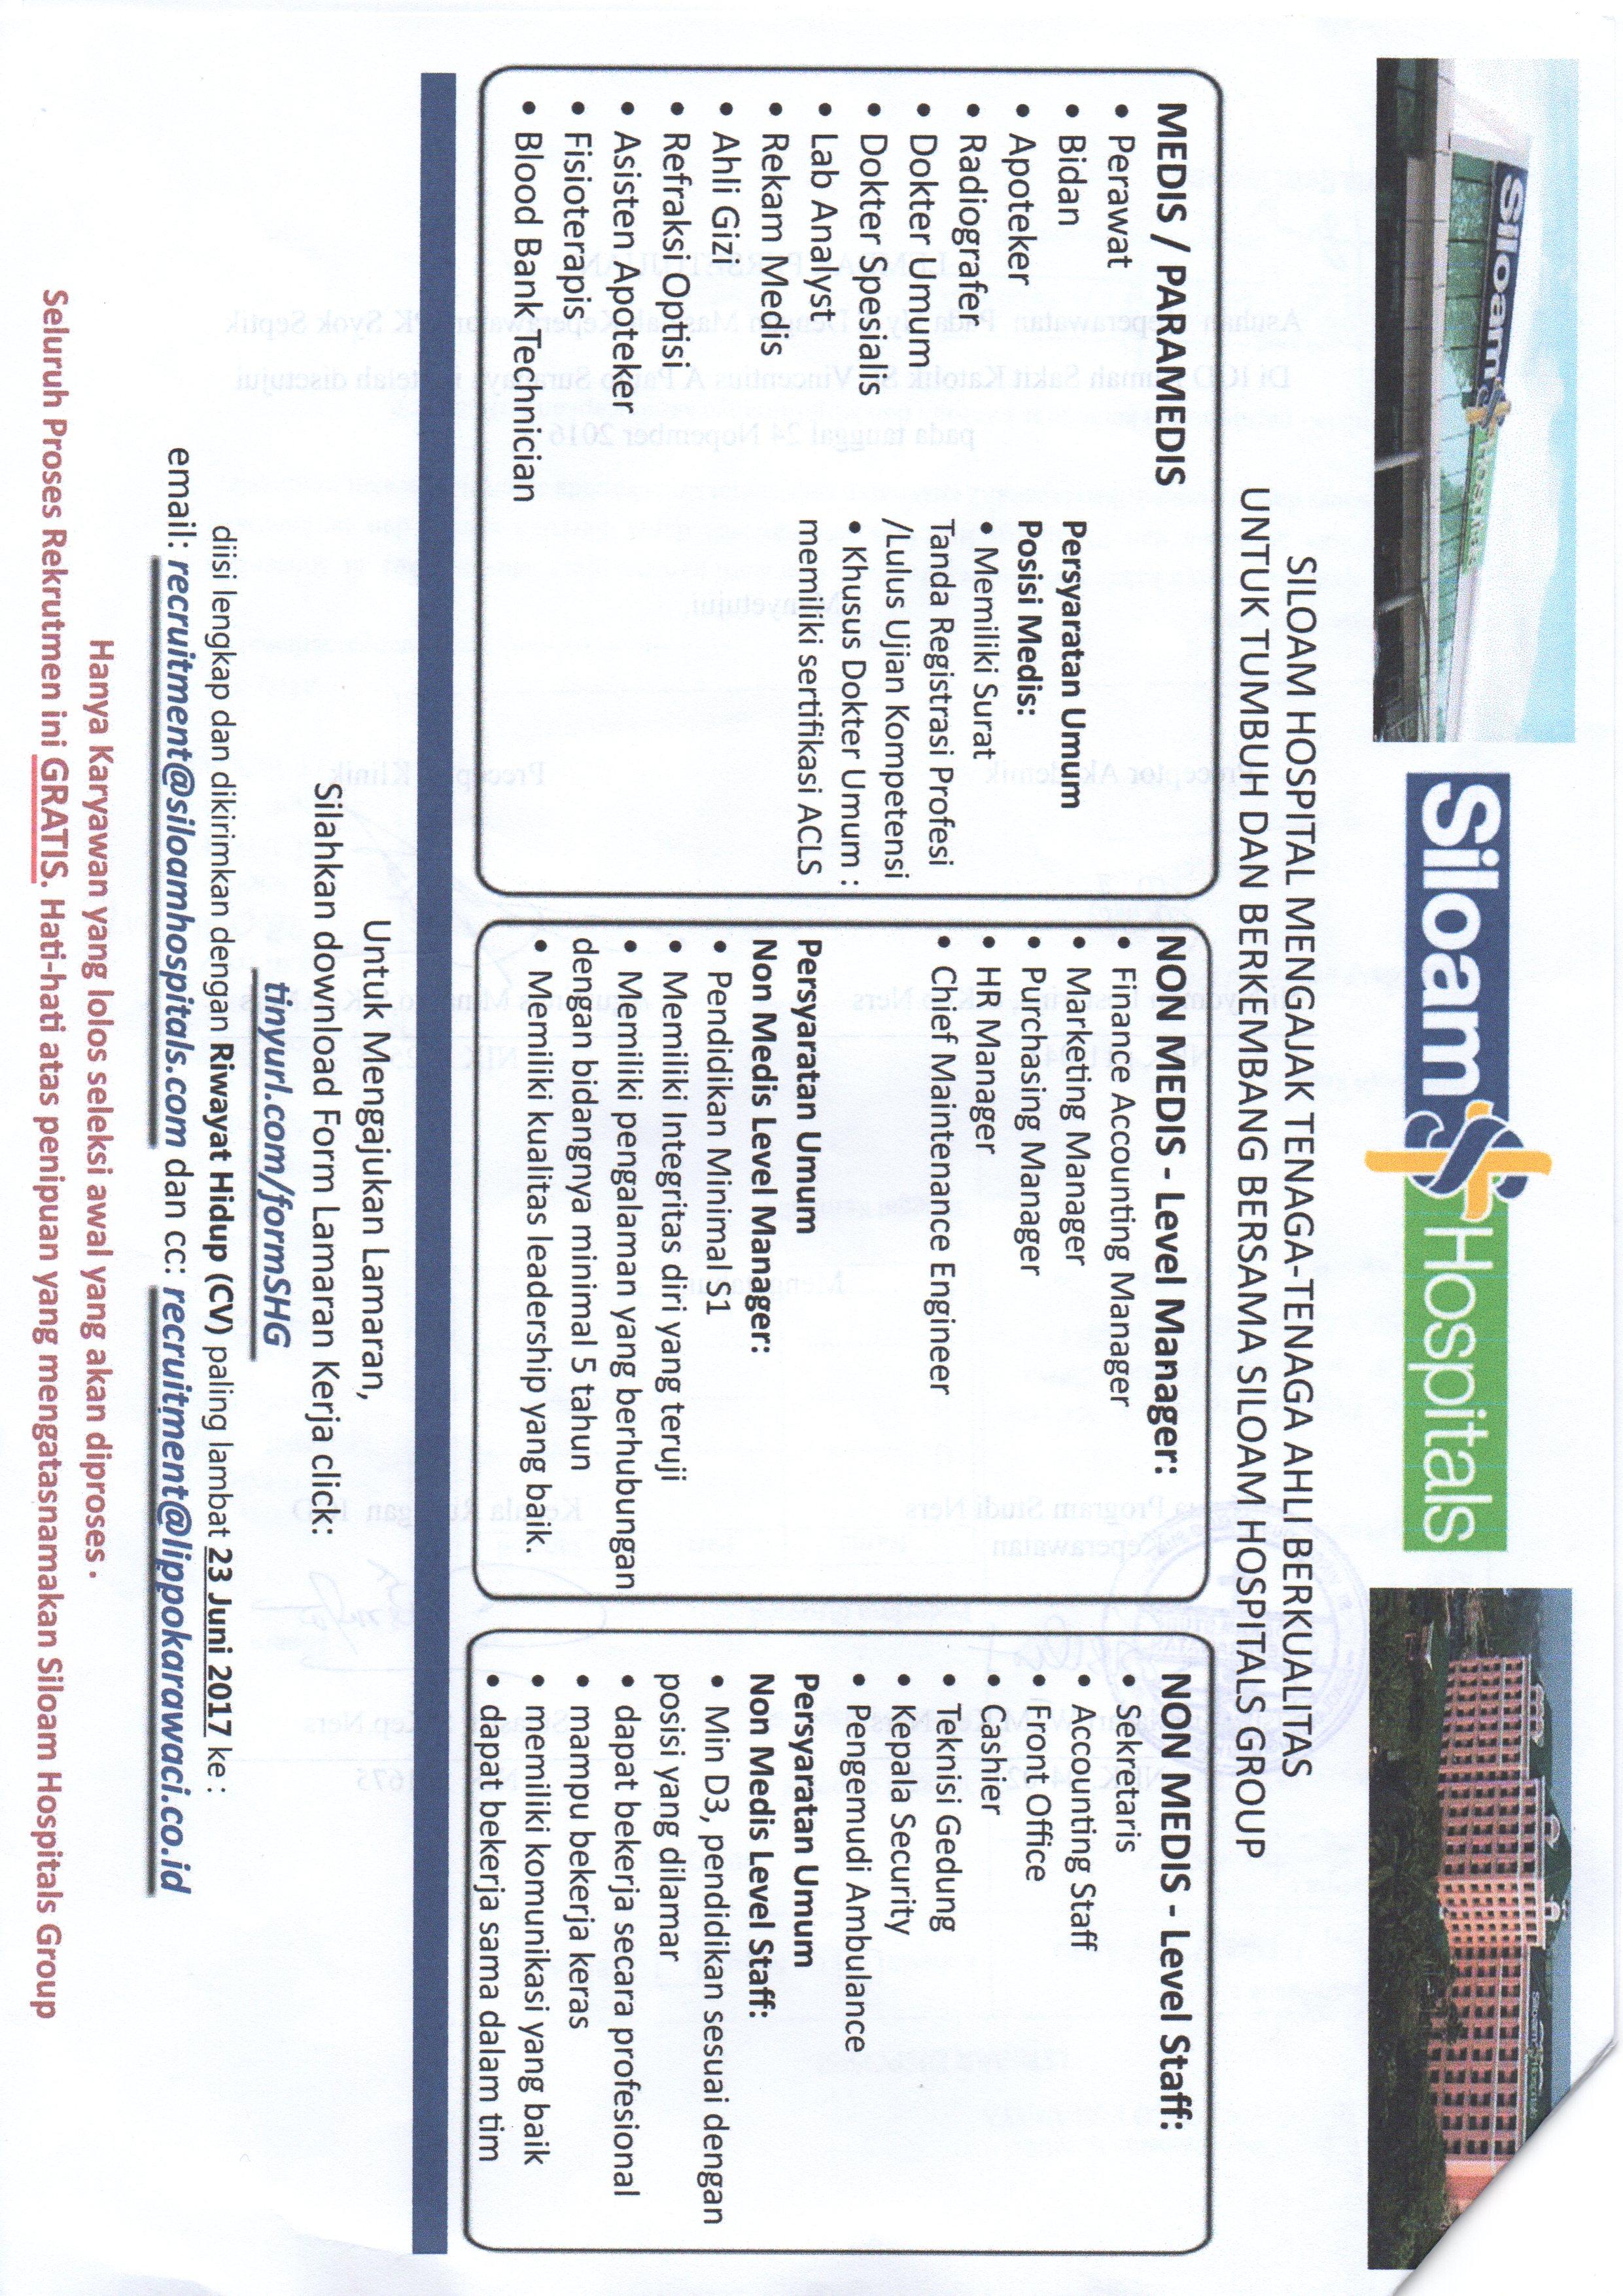 Lowongan Pekerjaan Siloam Hospital Vincentius Career Center